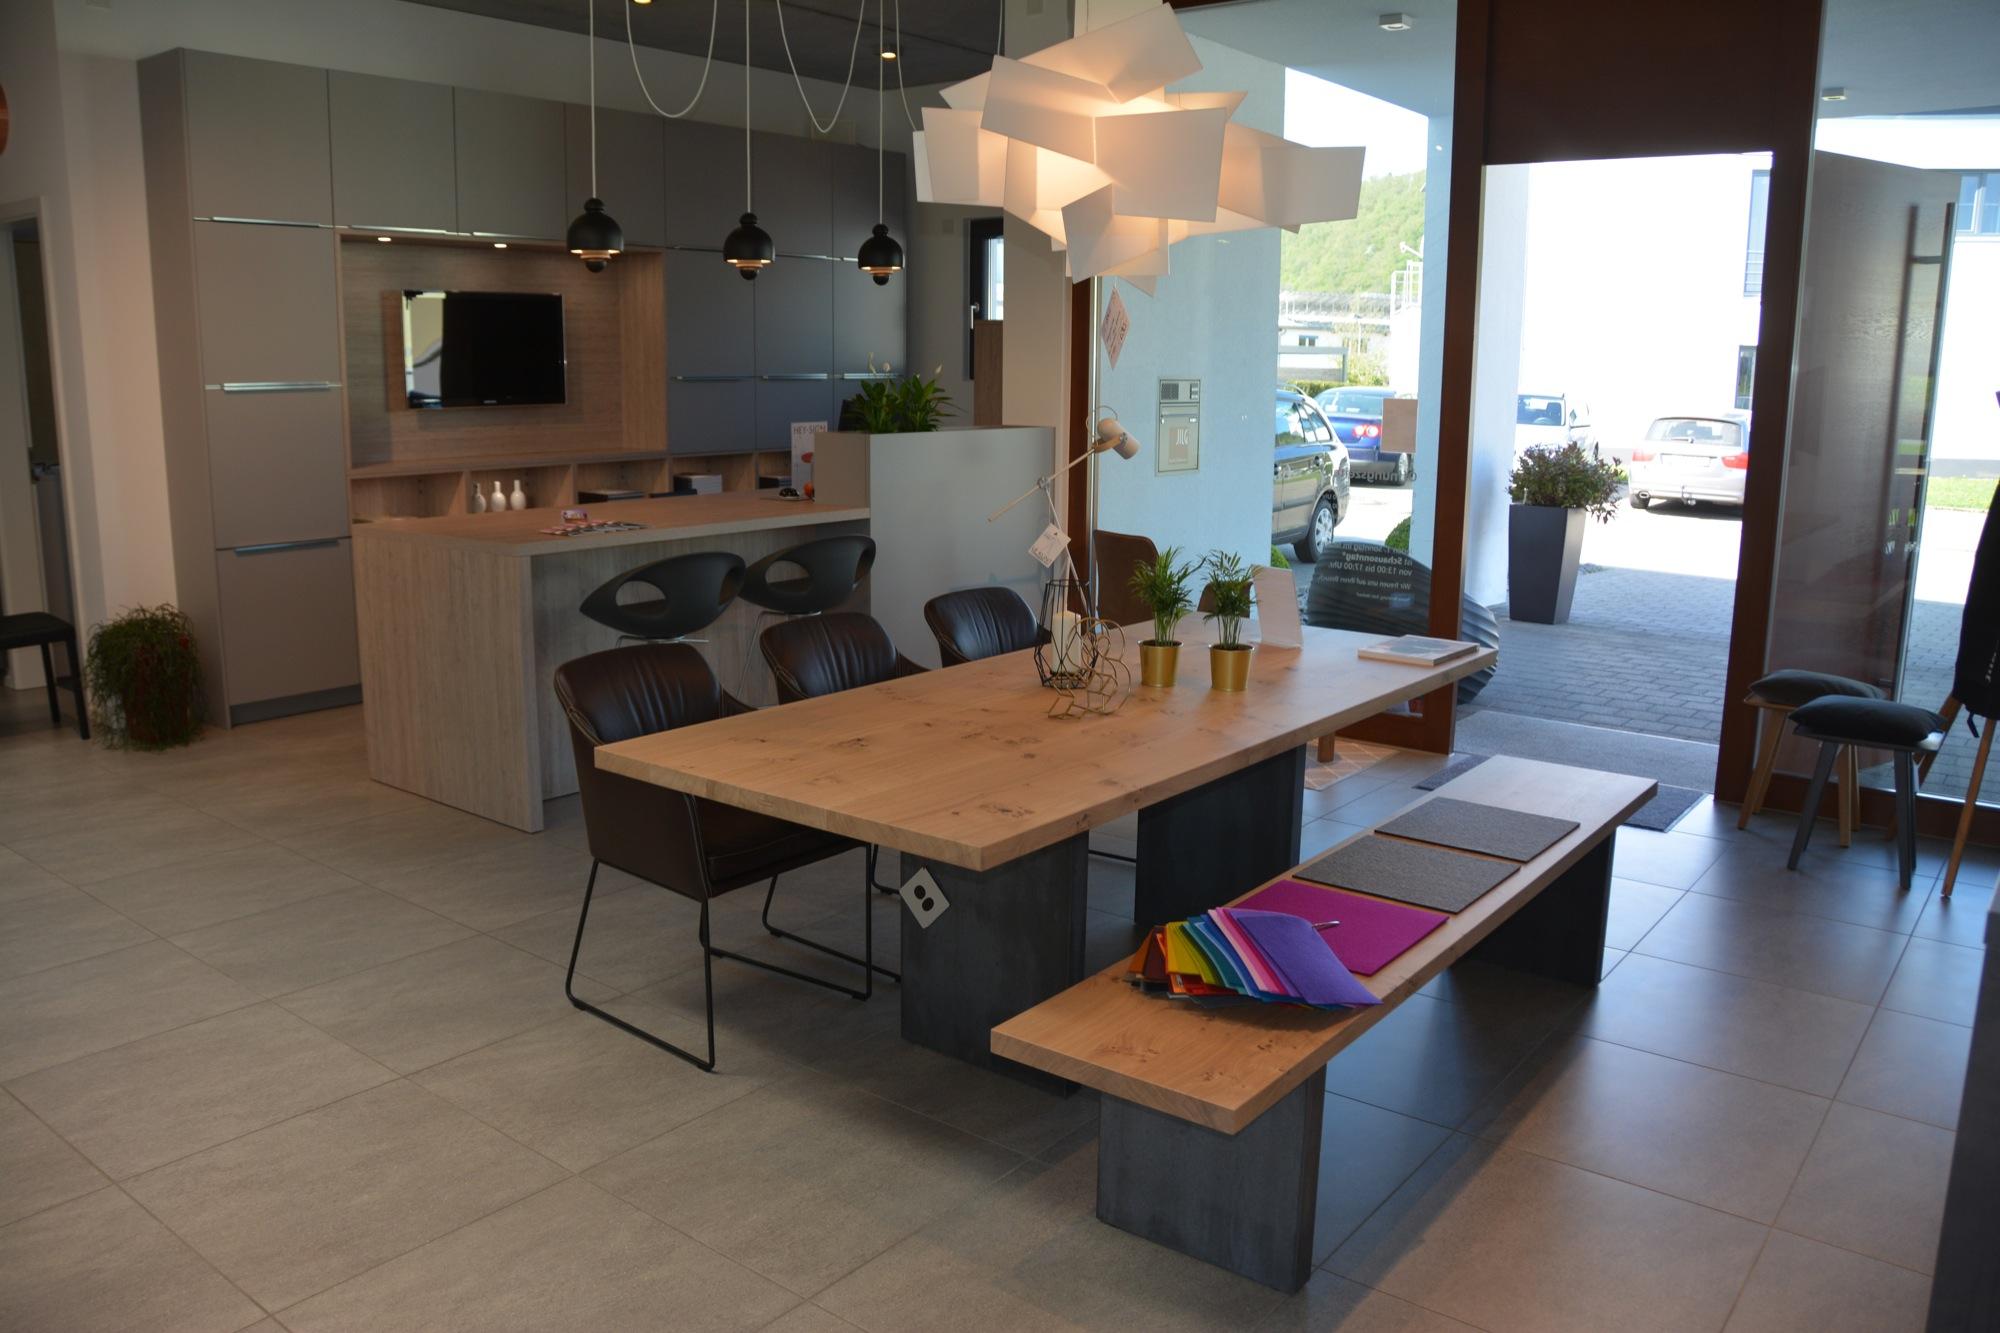 Schön Küchenseifenspender Stutzens Galerie - Küche Set Ideen ...